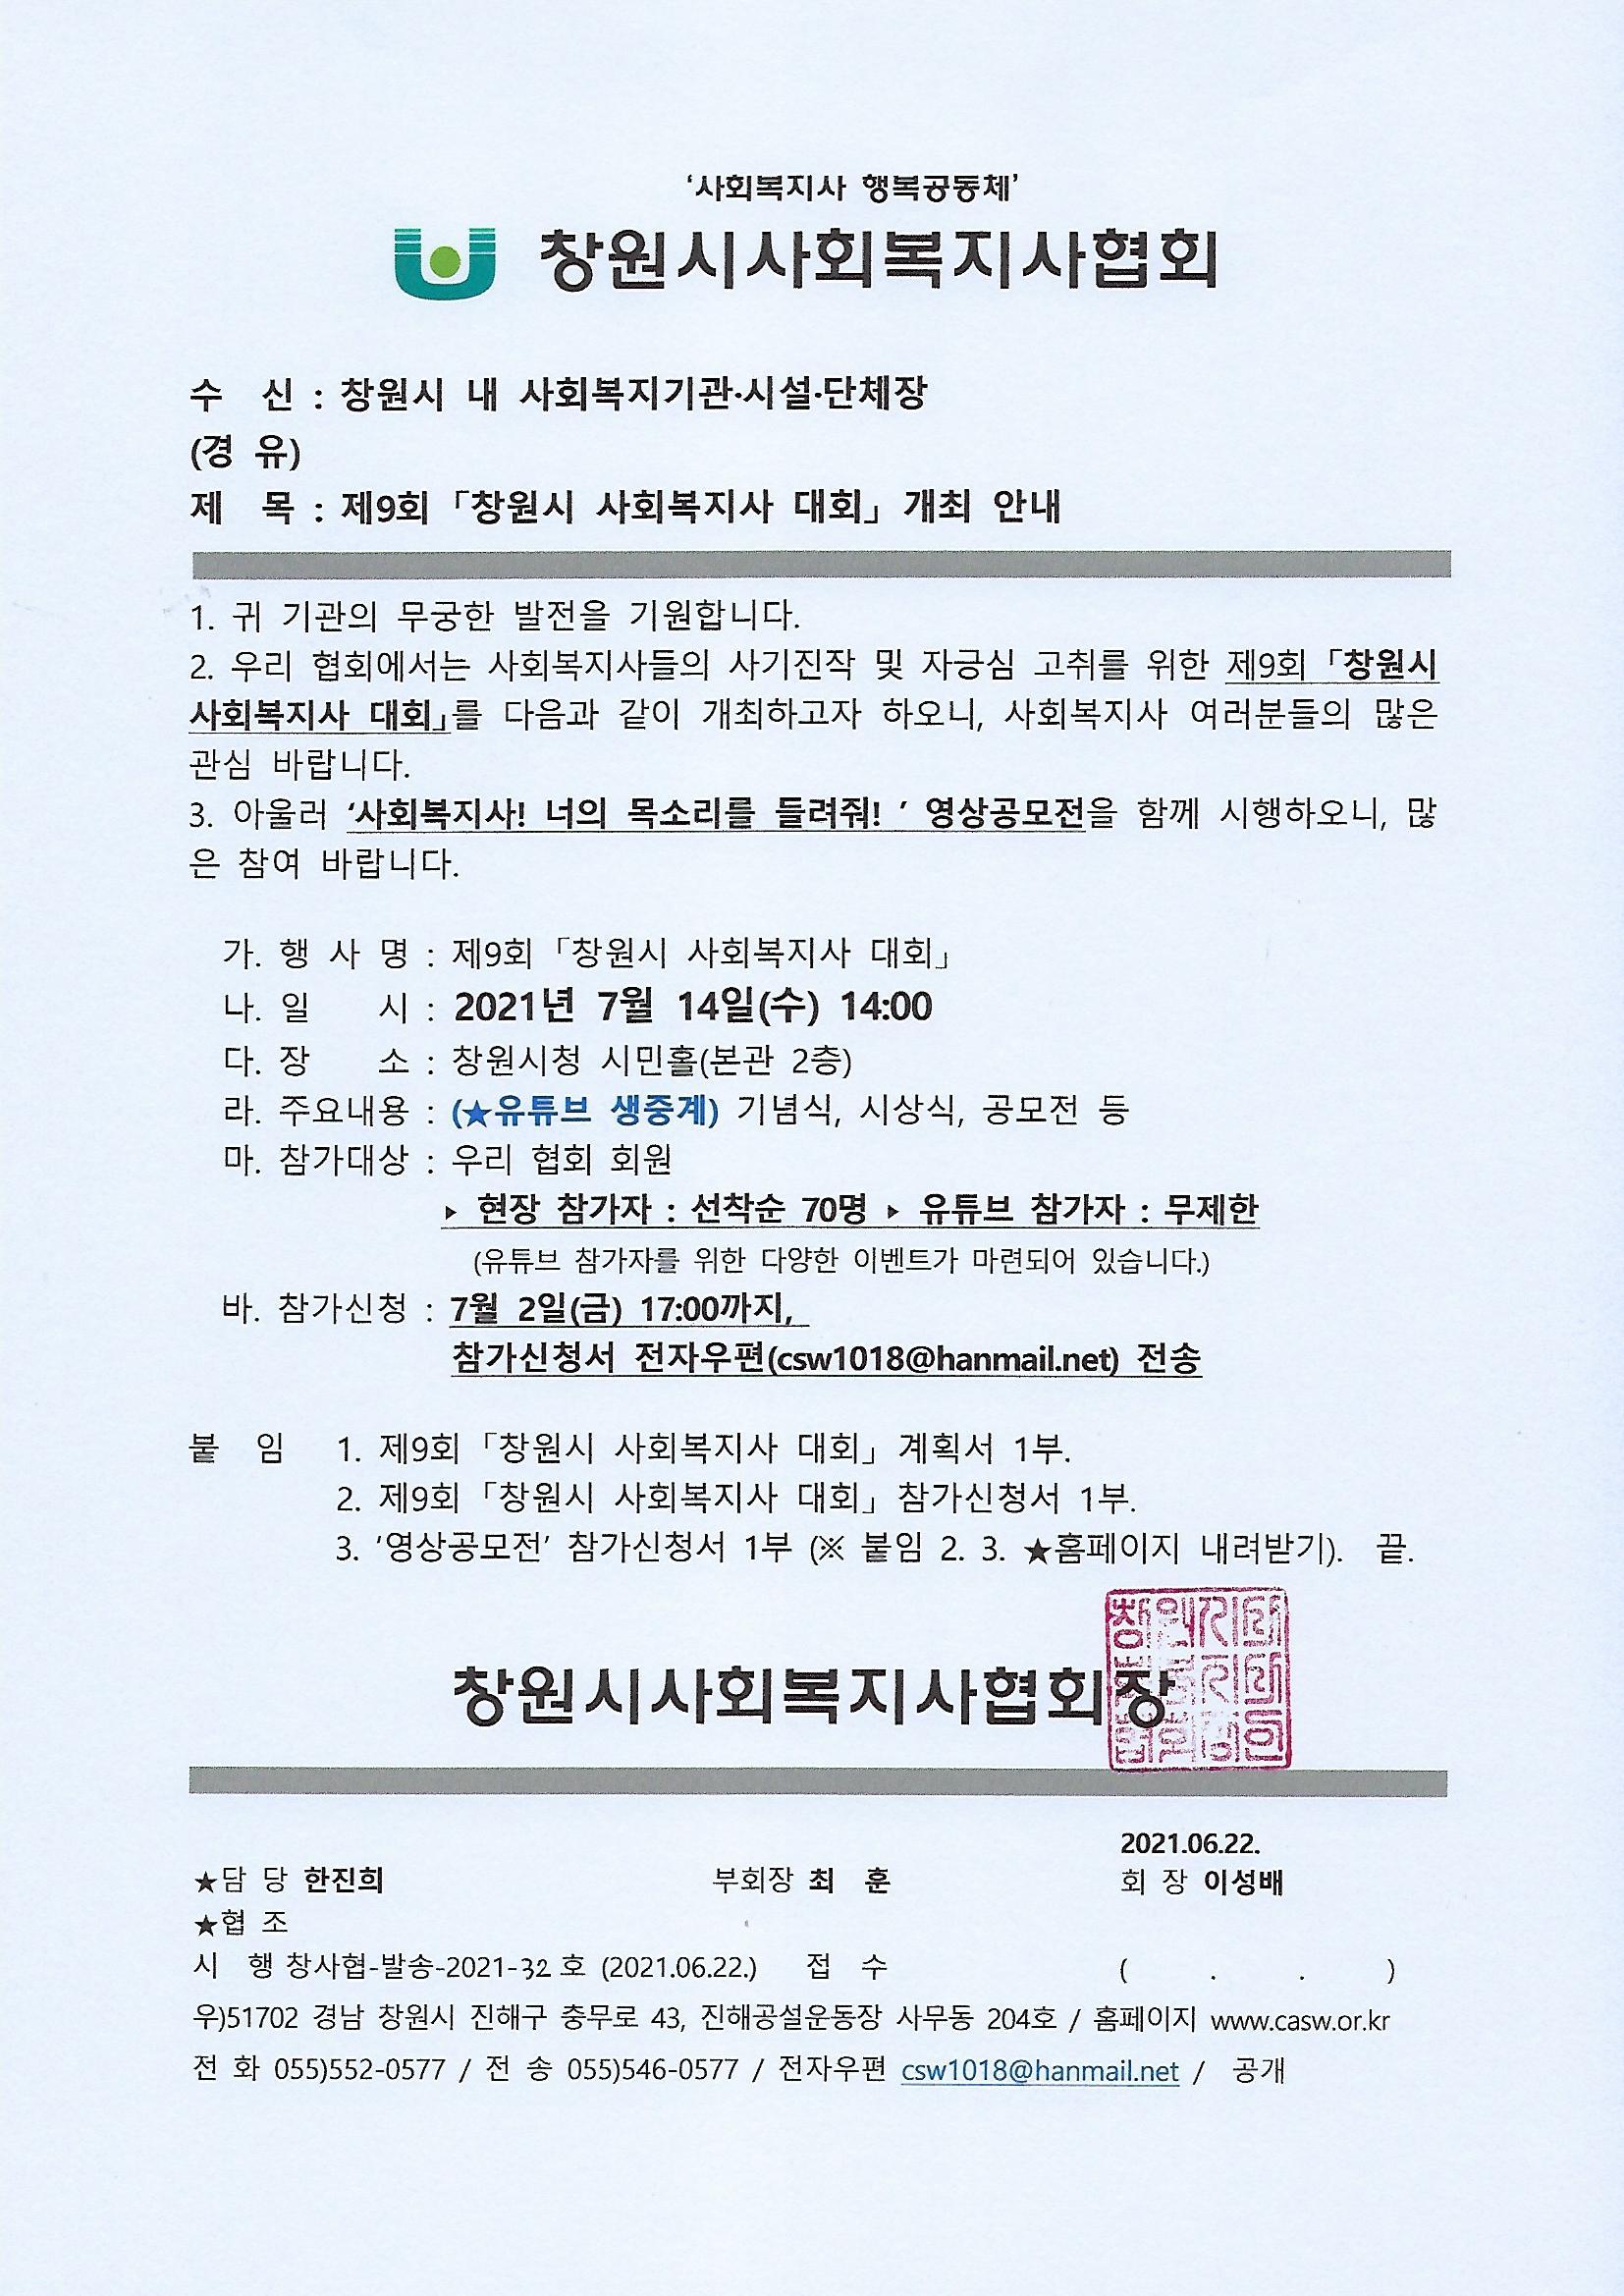 공문-제9회 대회 개최 안내.jpg